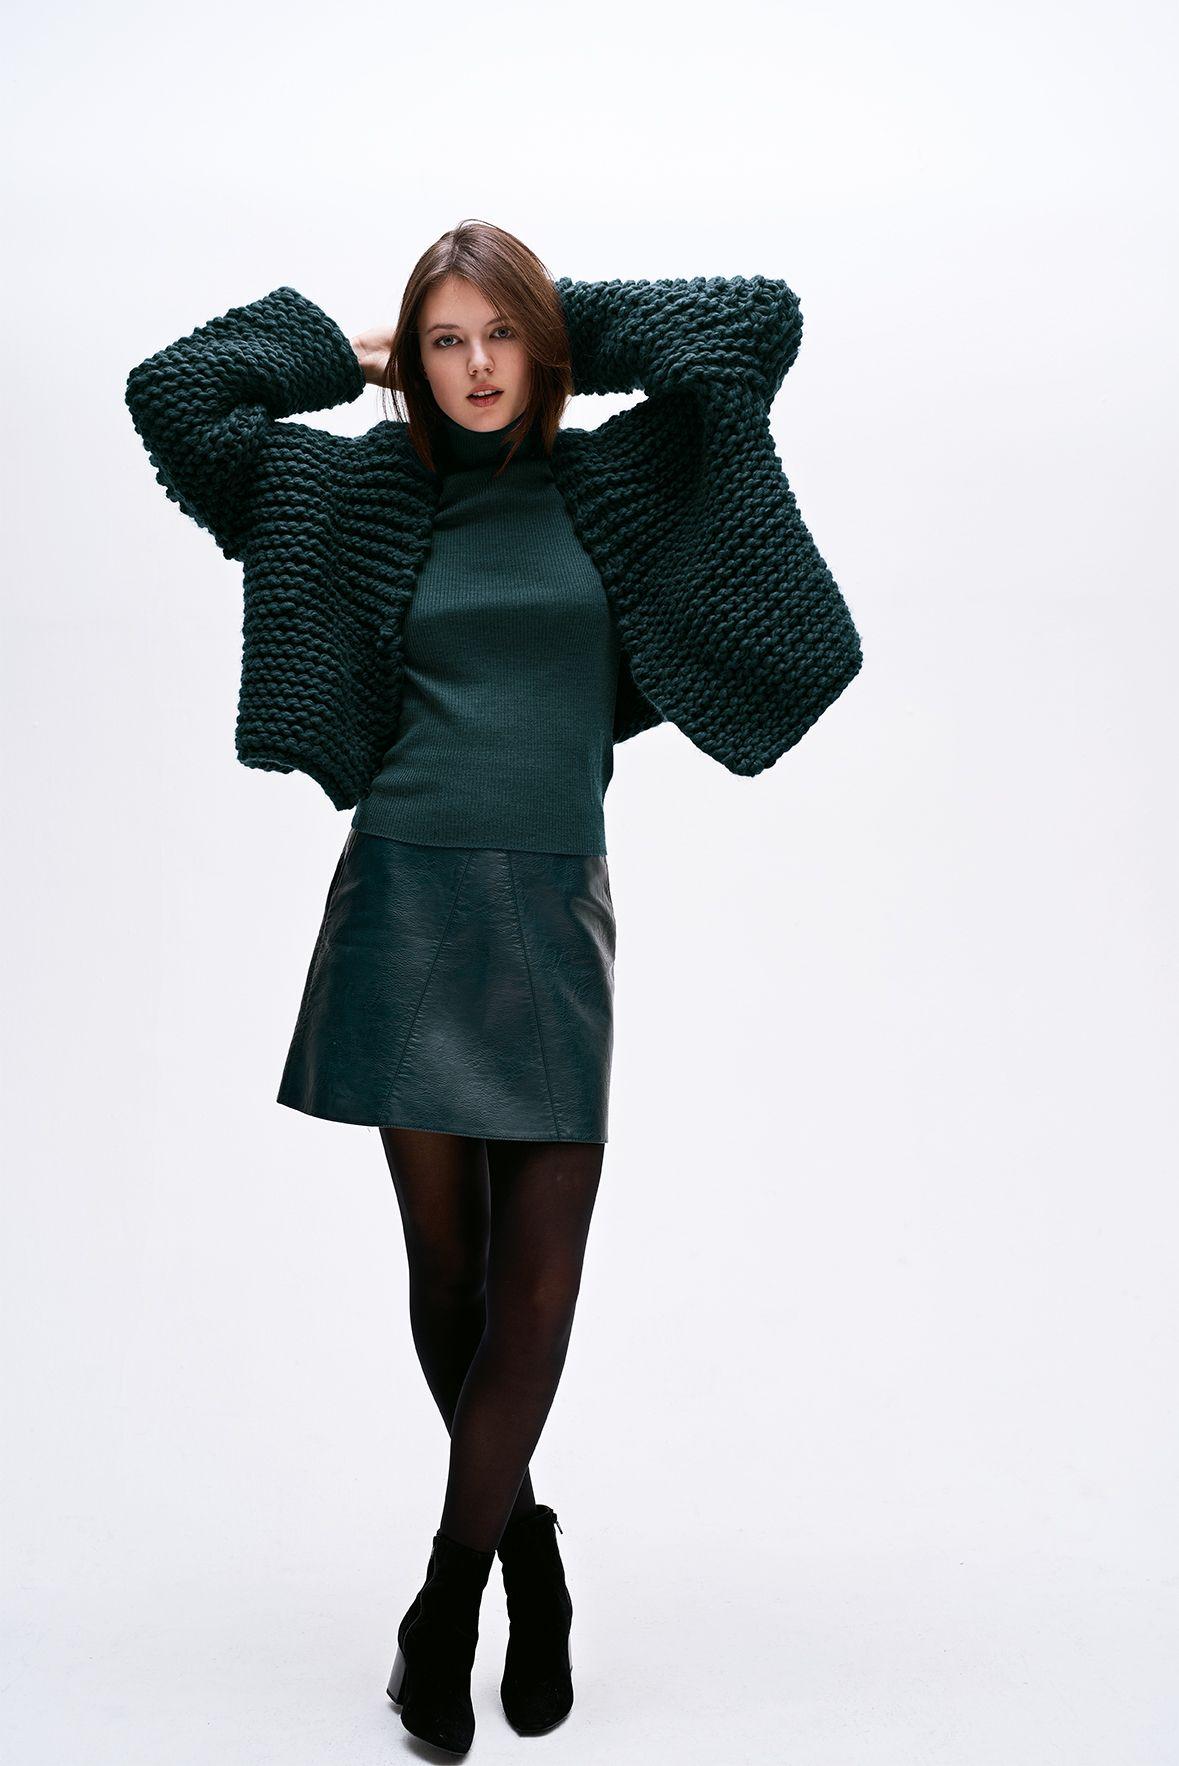 Das Handstrick-Magazin Made by Me Handknitting No. 5 spiegelt die aktuellen Trends wider. In vier Kapiteln werden 49 topmoderne Strick- & Häkelpieces vorgestellt. Stimmige Naturtöne mit Degradeeffekten, Streifenlooks mit glamourösen Glitzergarnen, facettenreiche Grüntöne und schrille Neontöne erwarten euch. Neben Kleidung und Accessoires präsentiert das Magazin auch eine bunte Auswahl cooler Homedeko. #stricken #knitting #wolle #wool #diy #craft #crafting #häkeln #crochet #chrocheting